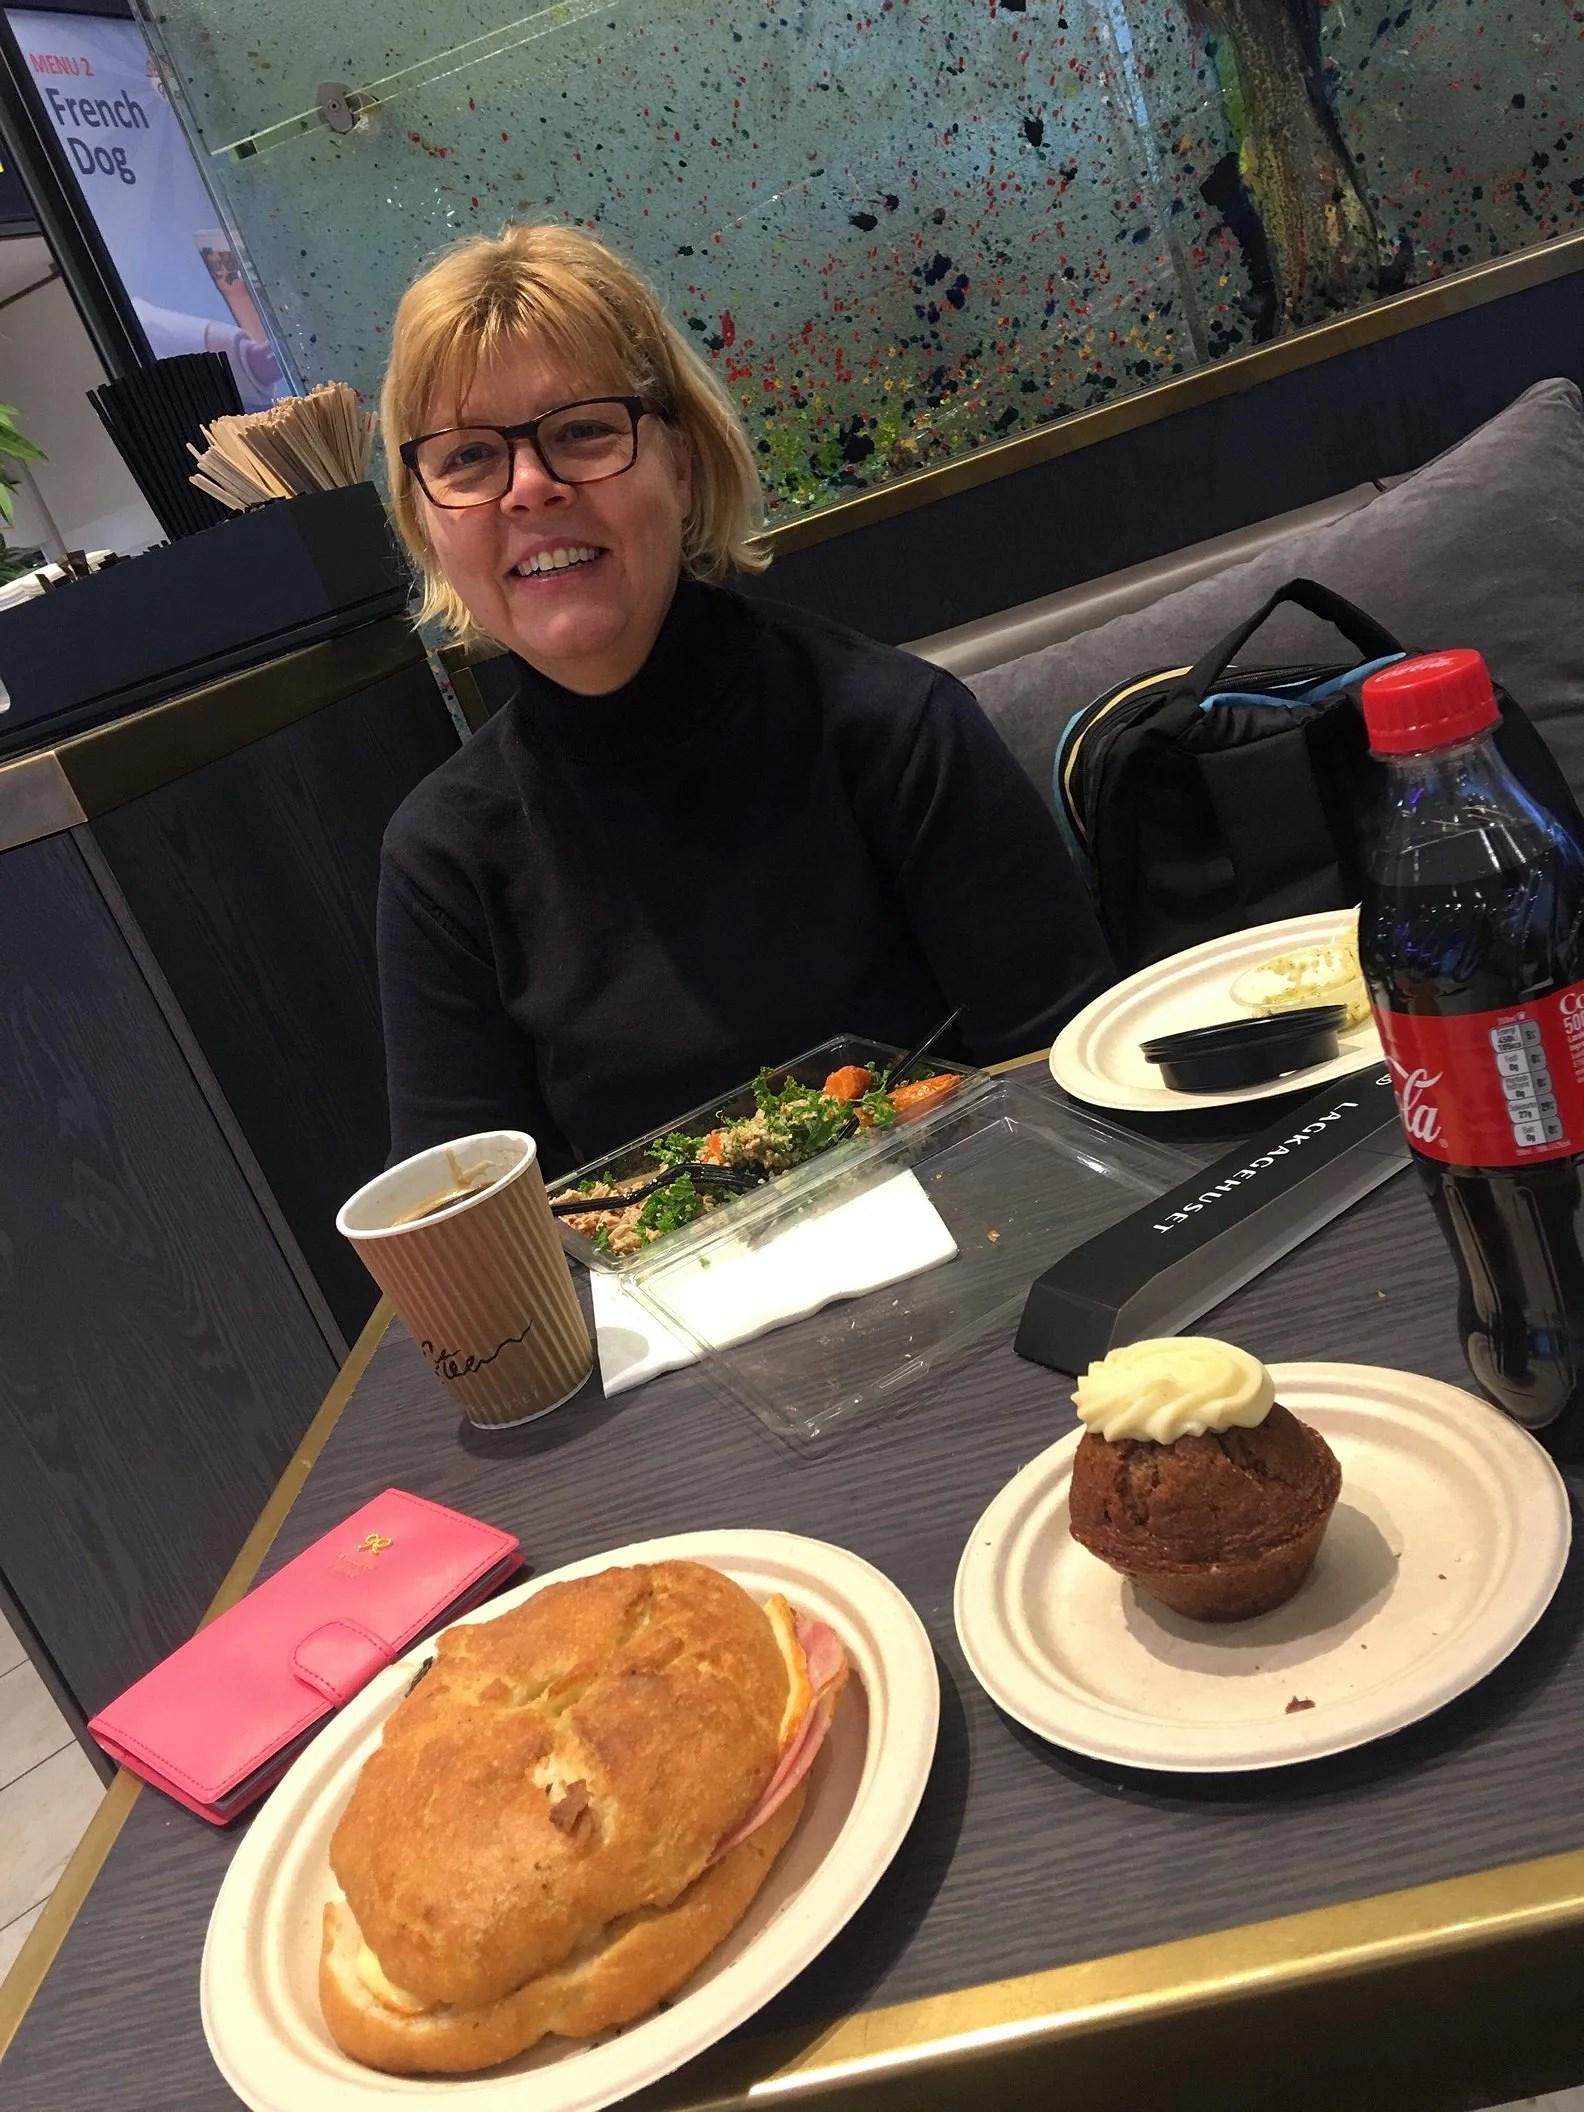 Grattis på födelsedagen, Mamma!